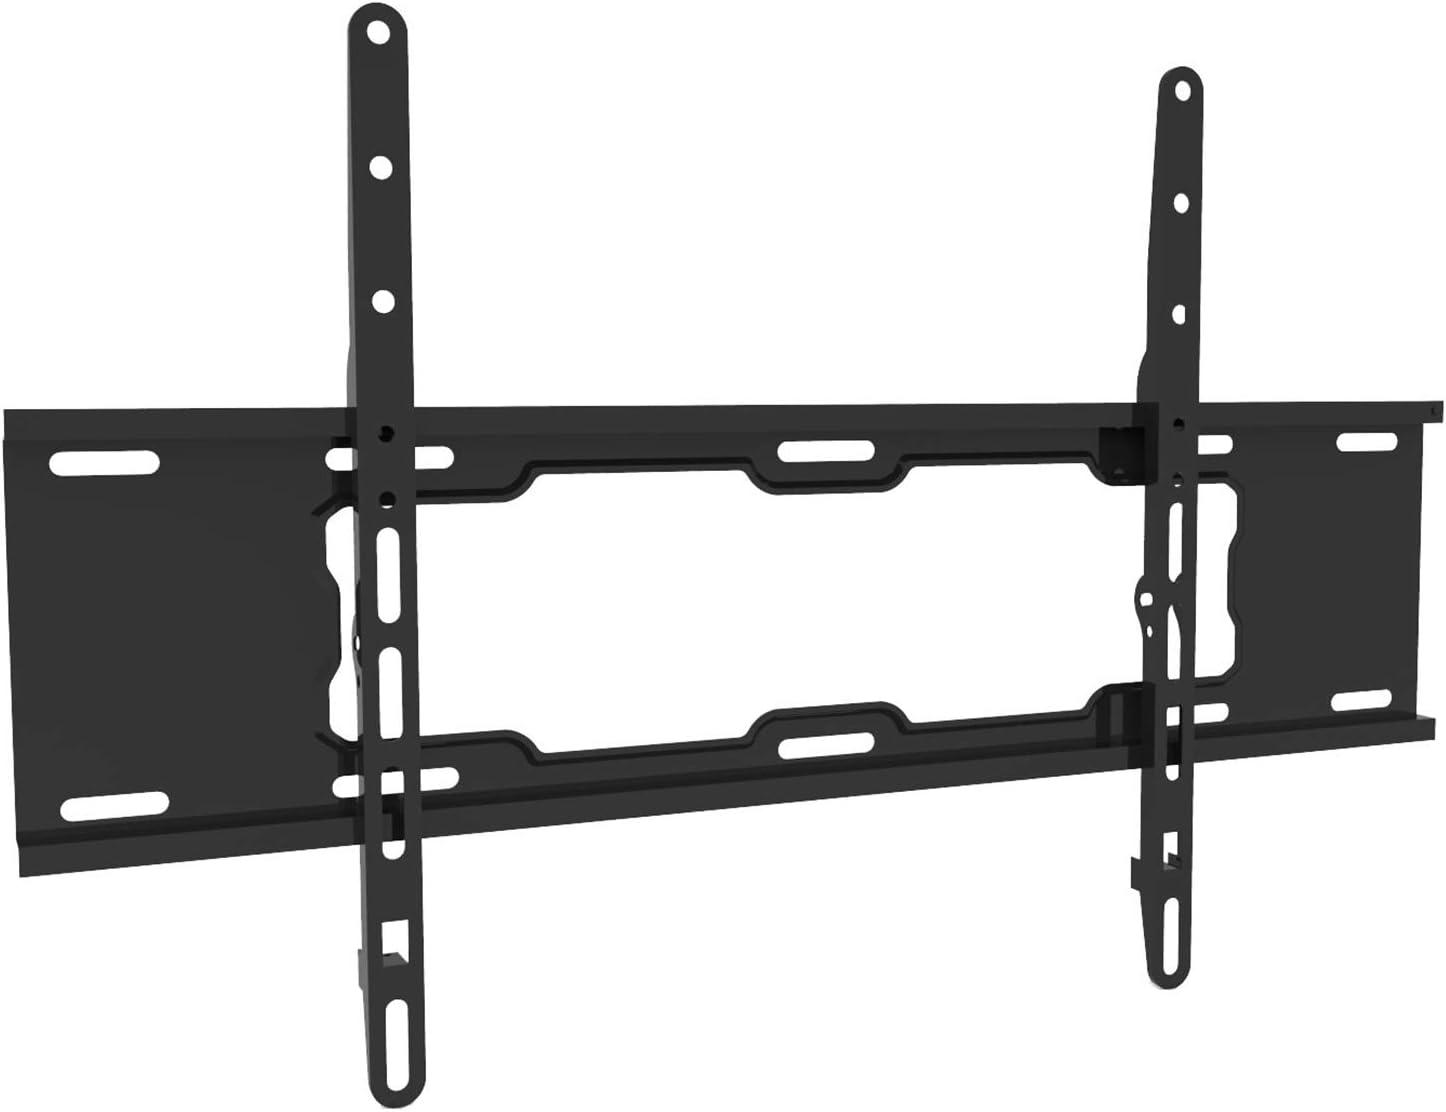 Elbe SP-3770-F - Soporte de pared fijo universal para TV 37-70 (capacidad 40 kg, vesa: 100x100, 200x200, 200x300, 300x300, 200x400, 300x400, 400x400, 200x600, 300x600, 600x400) negro: Amazon.es: Electrónica